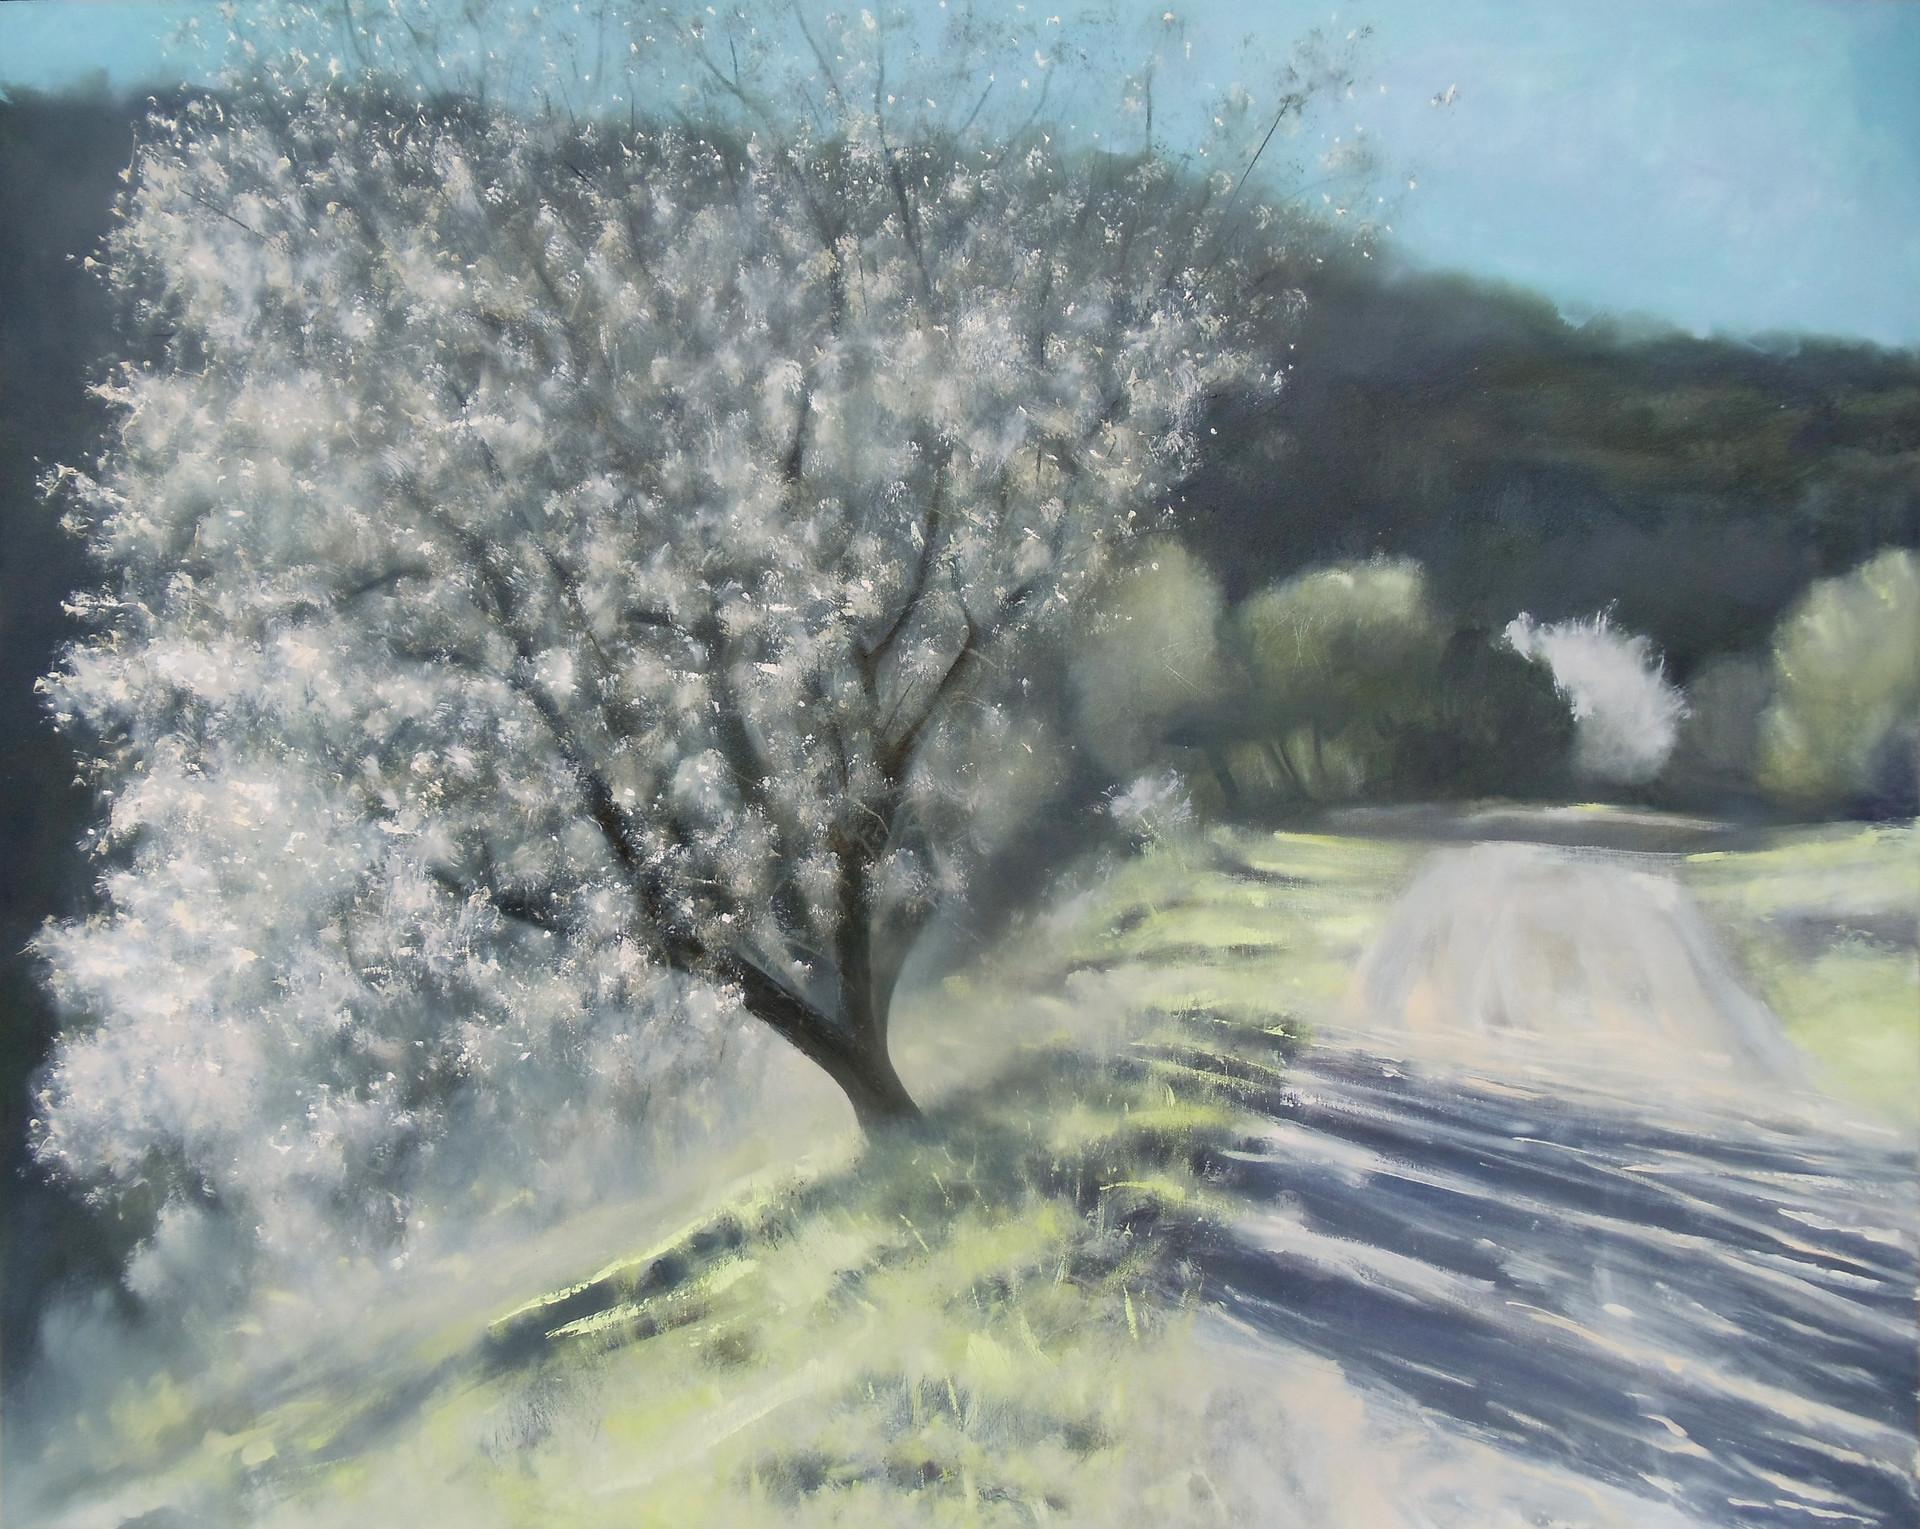 SOLD - Almond Blossom, Sataf Israel